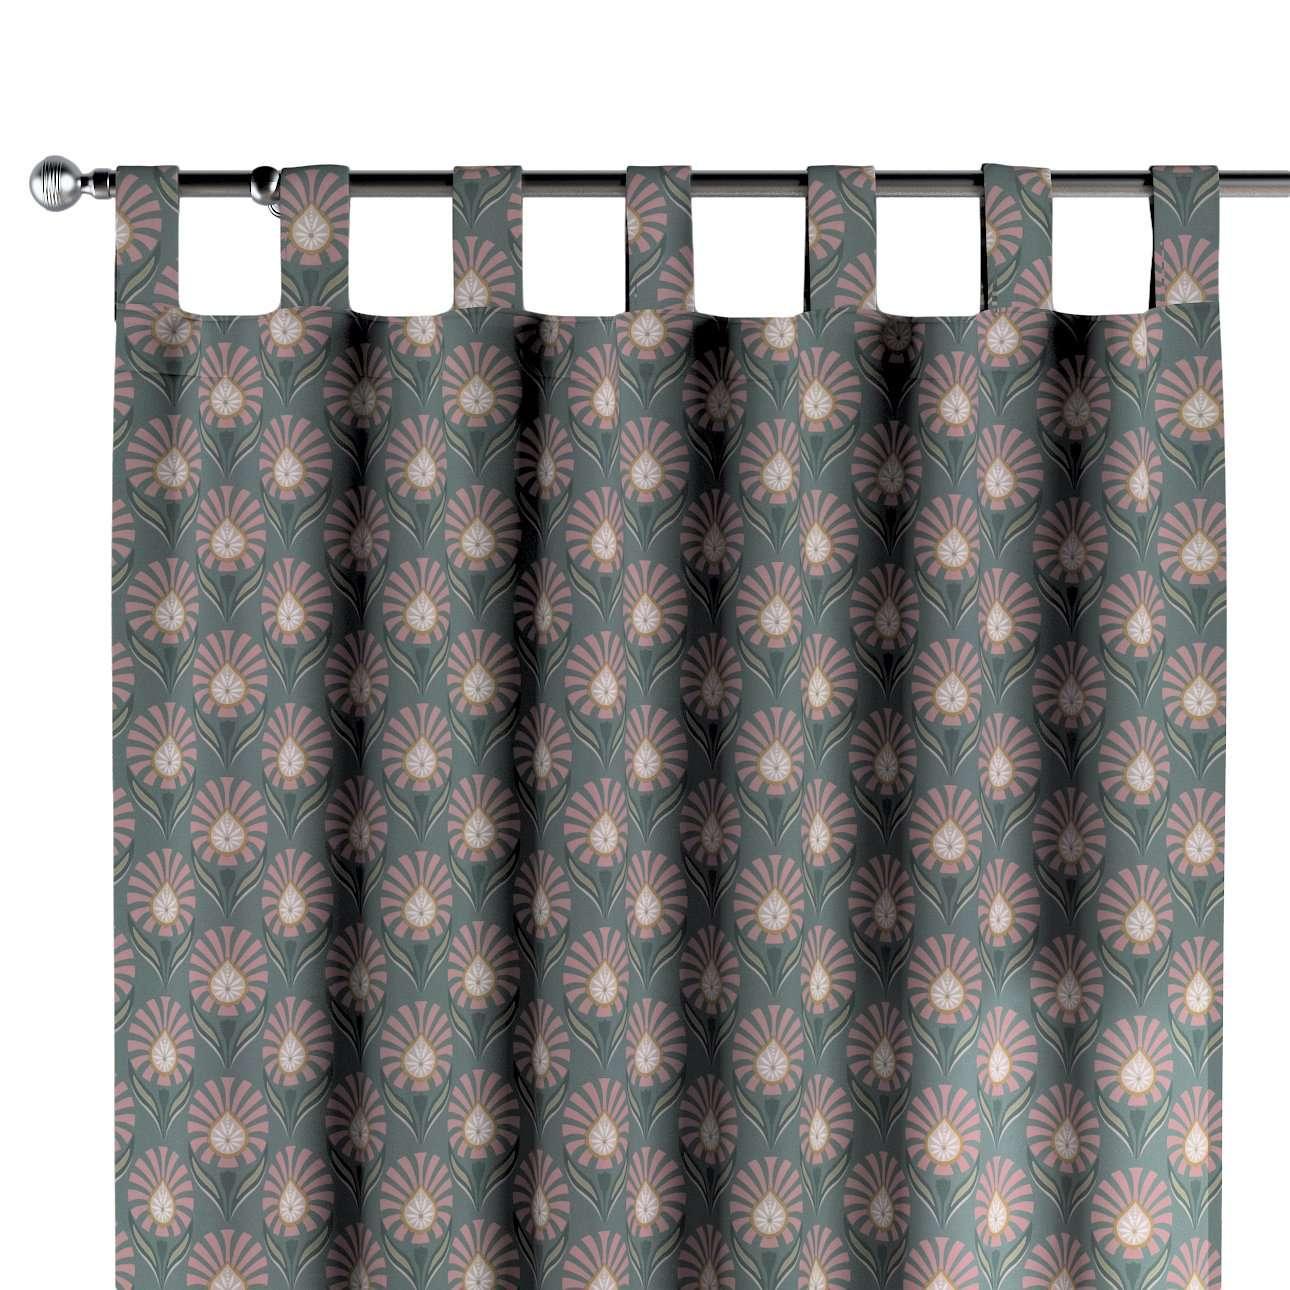 Kilpinio klostavimo užuolaidos kolekcijoje Gardenia, audinys: 142-17